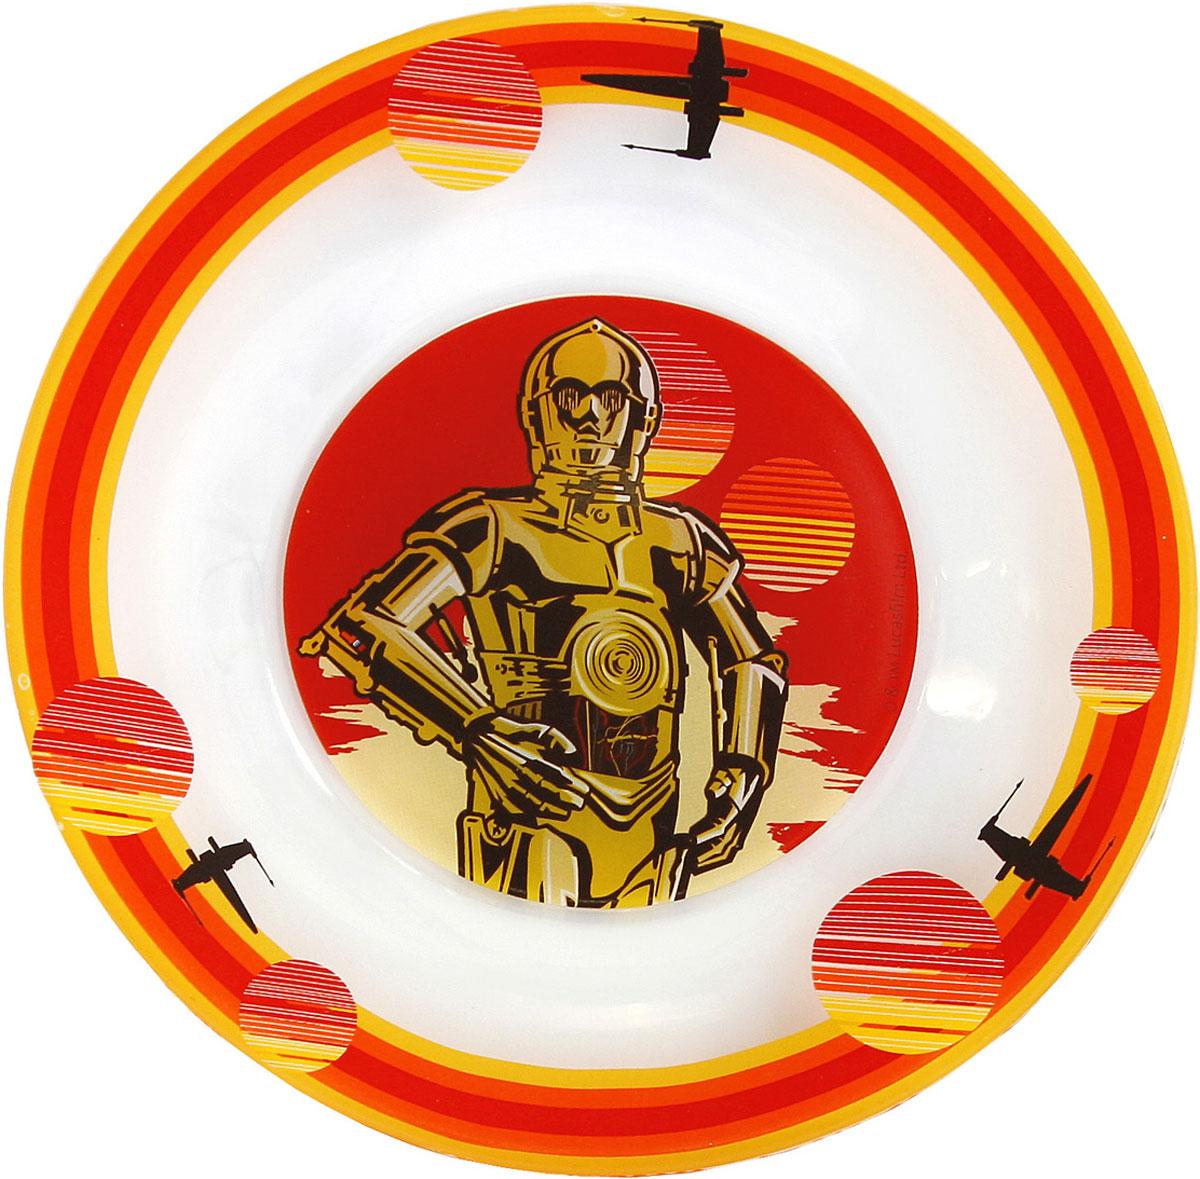 StarWars Тарелка детская Звёздные Войны Роботы диаметр 19,5 см starwars тарелка детская звёздные войны дарт вейдер диаметр 19 5 см